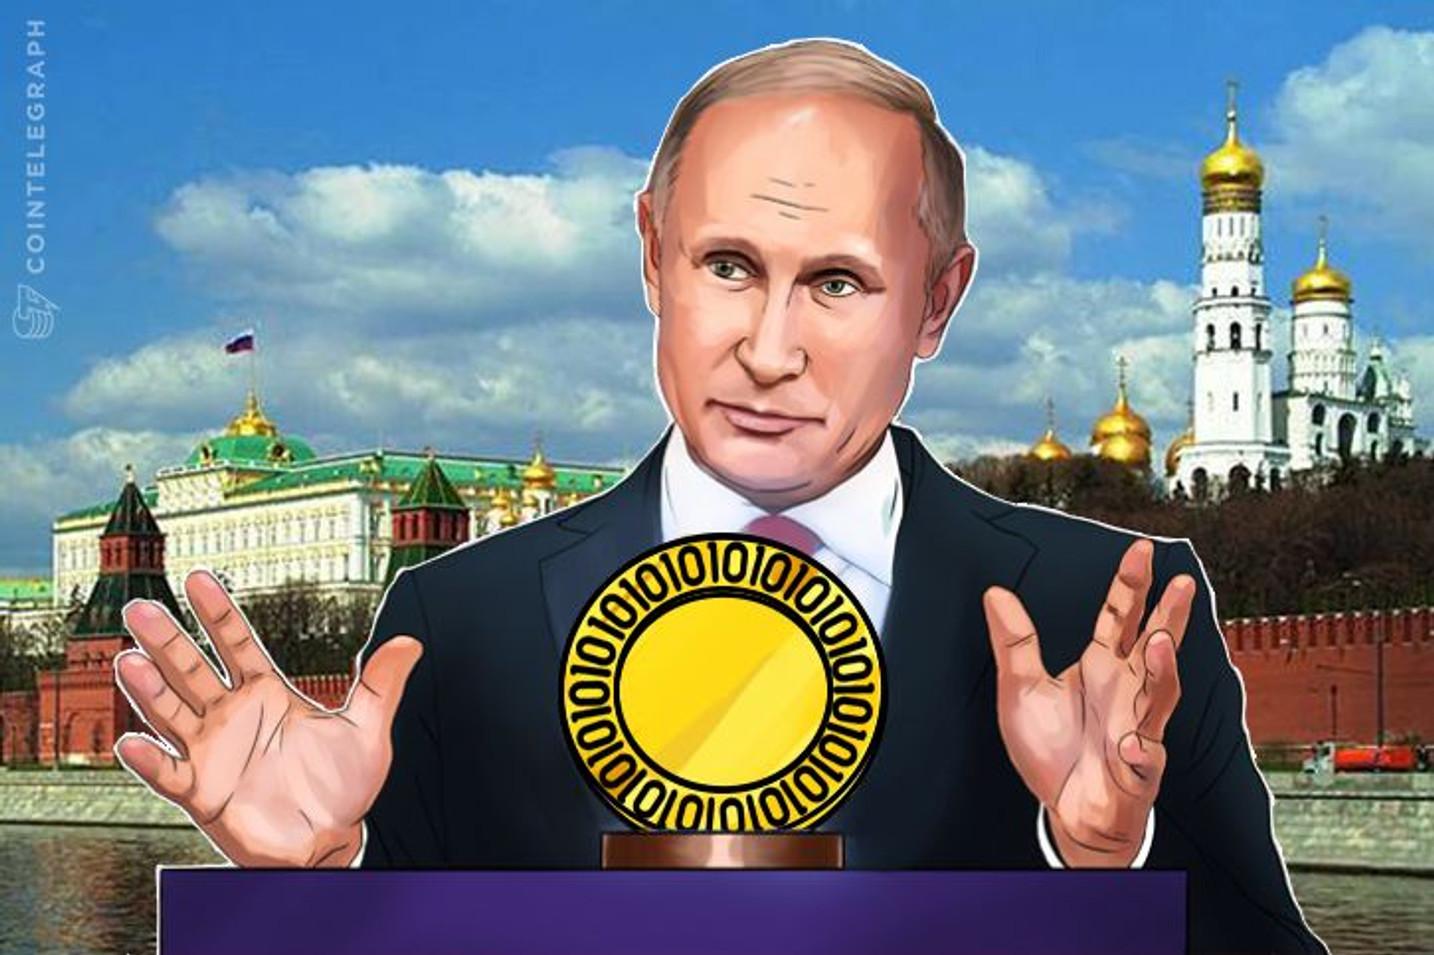 Vladimir Putin annuncia la data dell'entrata in vigore di regolamentazioni in Russia: 1 luglio